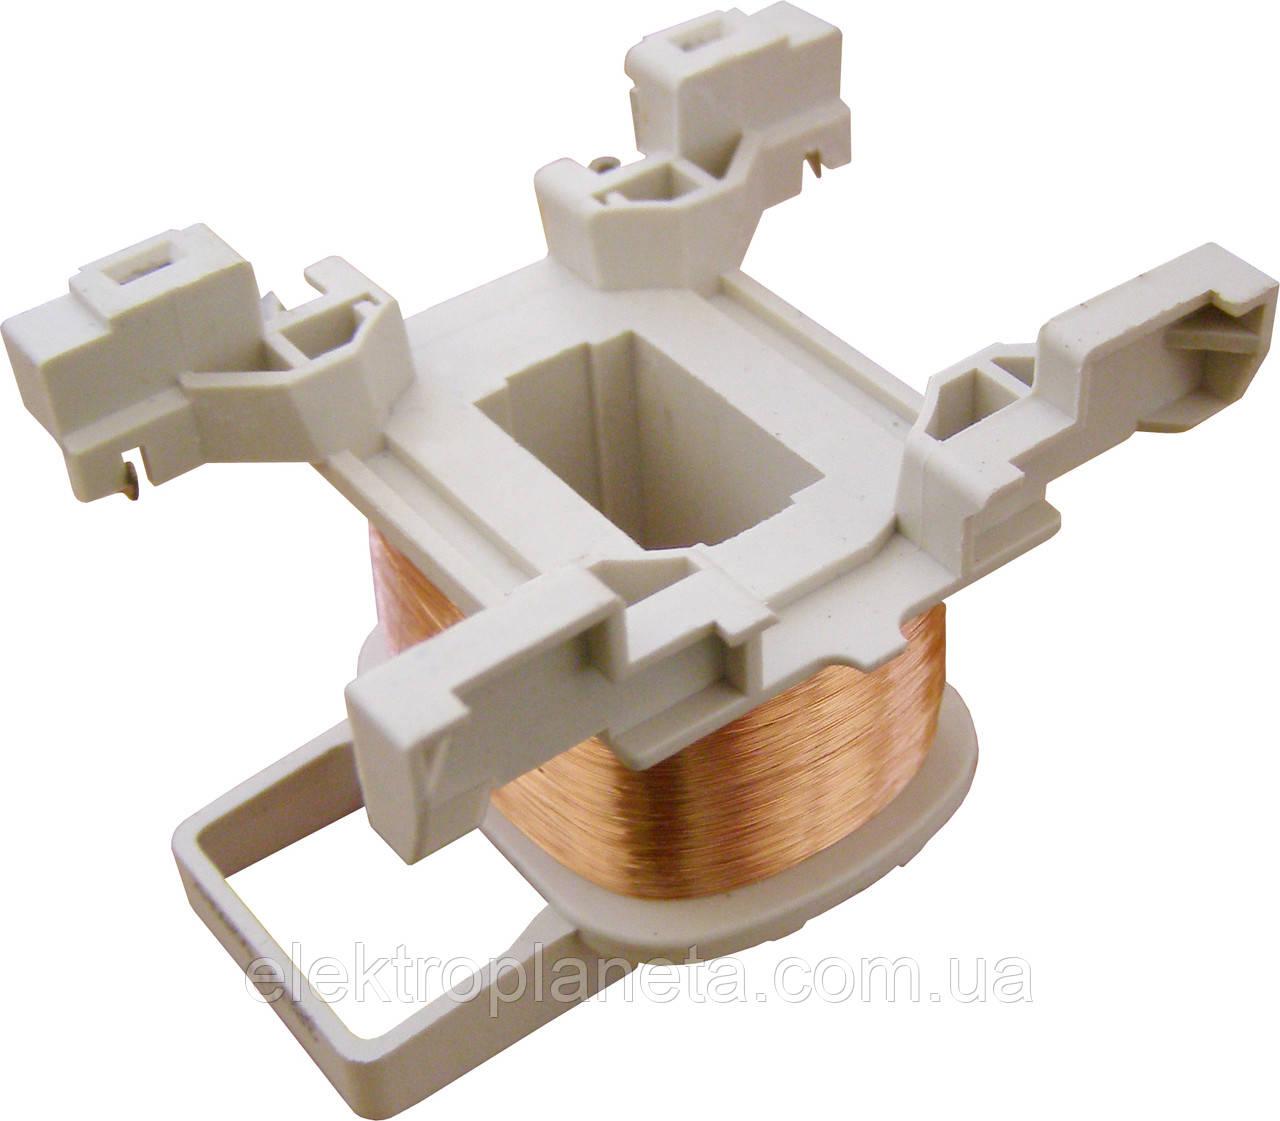 Катушка для магнитного пускателя LX1-d2 до ПМ-S 09,12,18 - ФОП «НАРАДЬКО Б. Ю.» в Киевской области